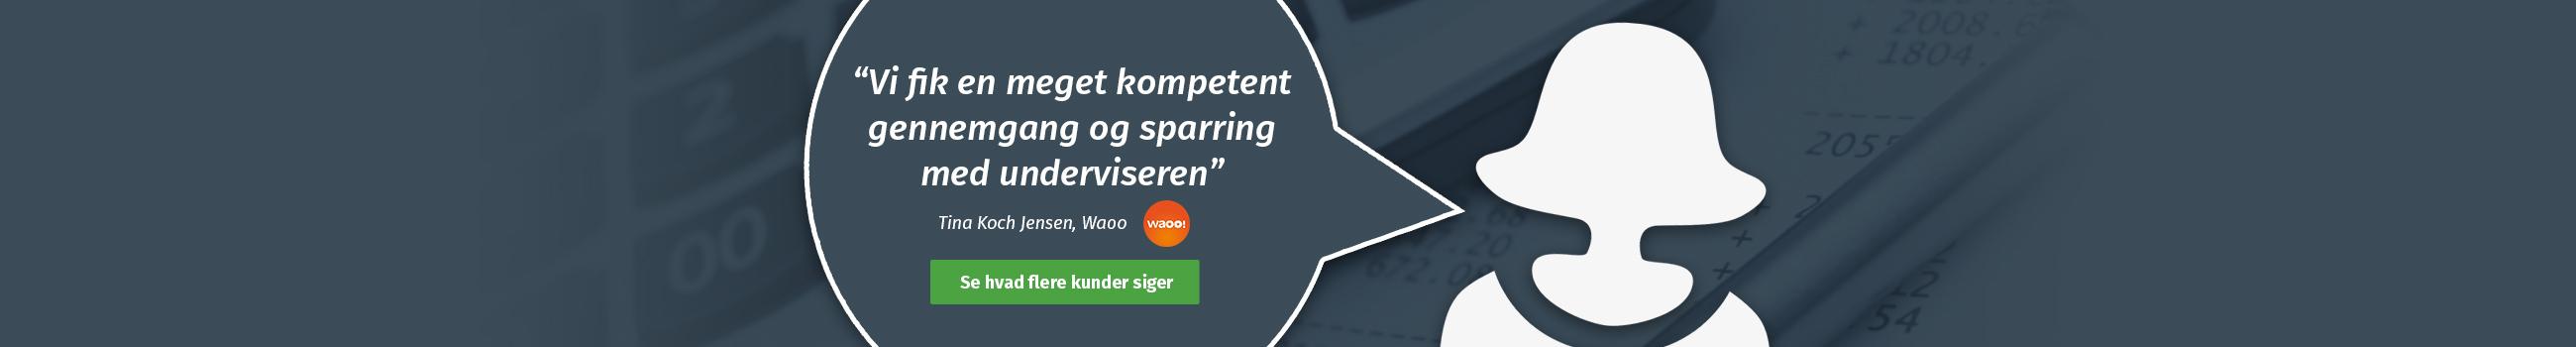 Waoo om kursus hos ERPsuporten.dk